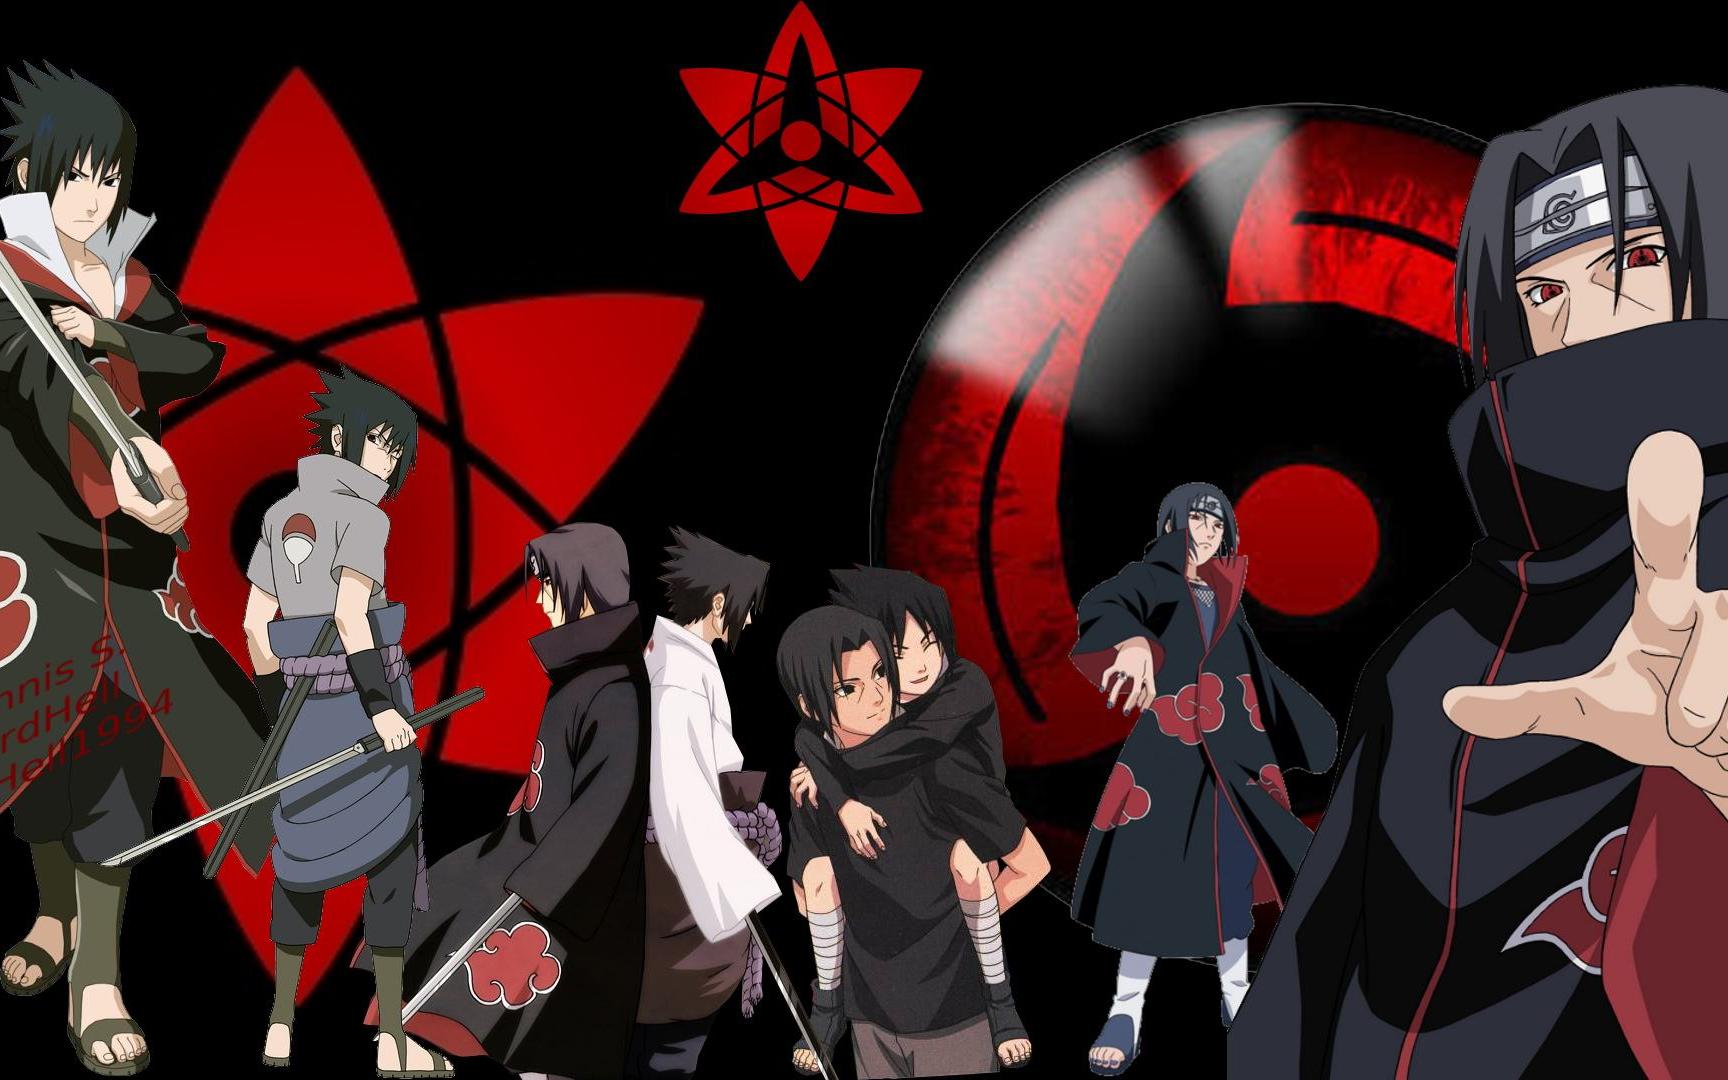 宇智波一族的所有史上有名之人加在一起有能力向全忍界开战吗?